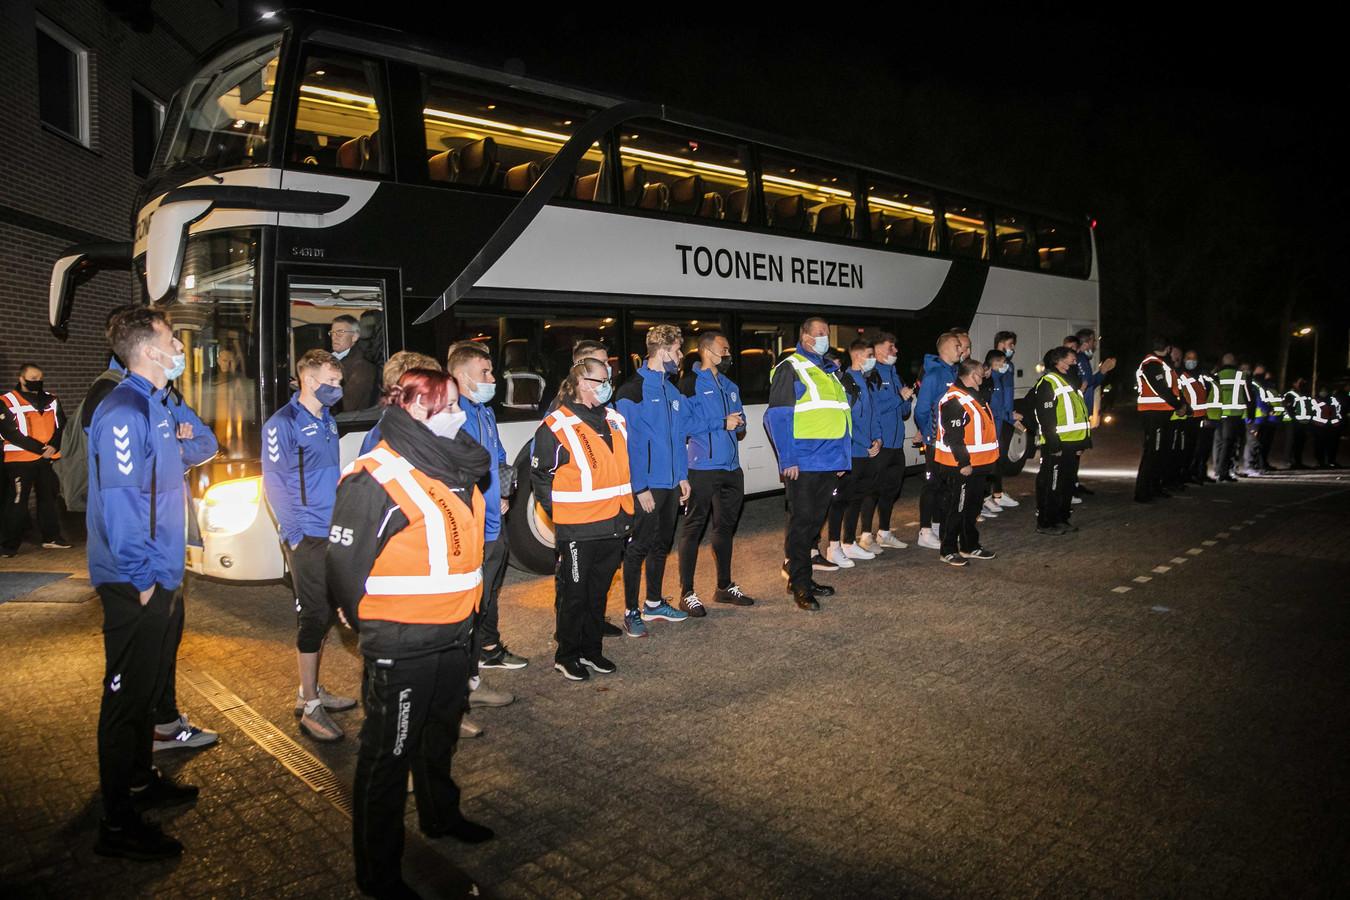 De spelersbus van De Graafschap.